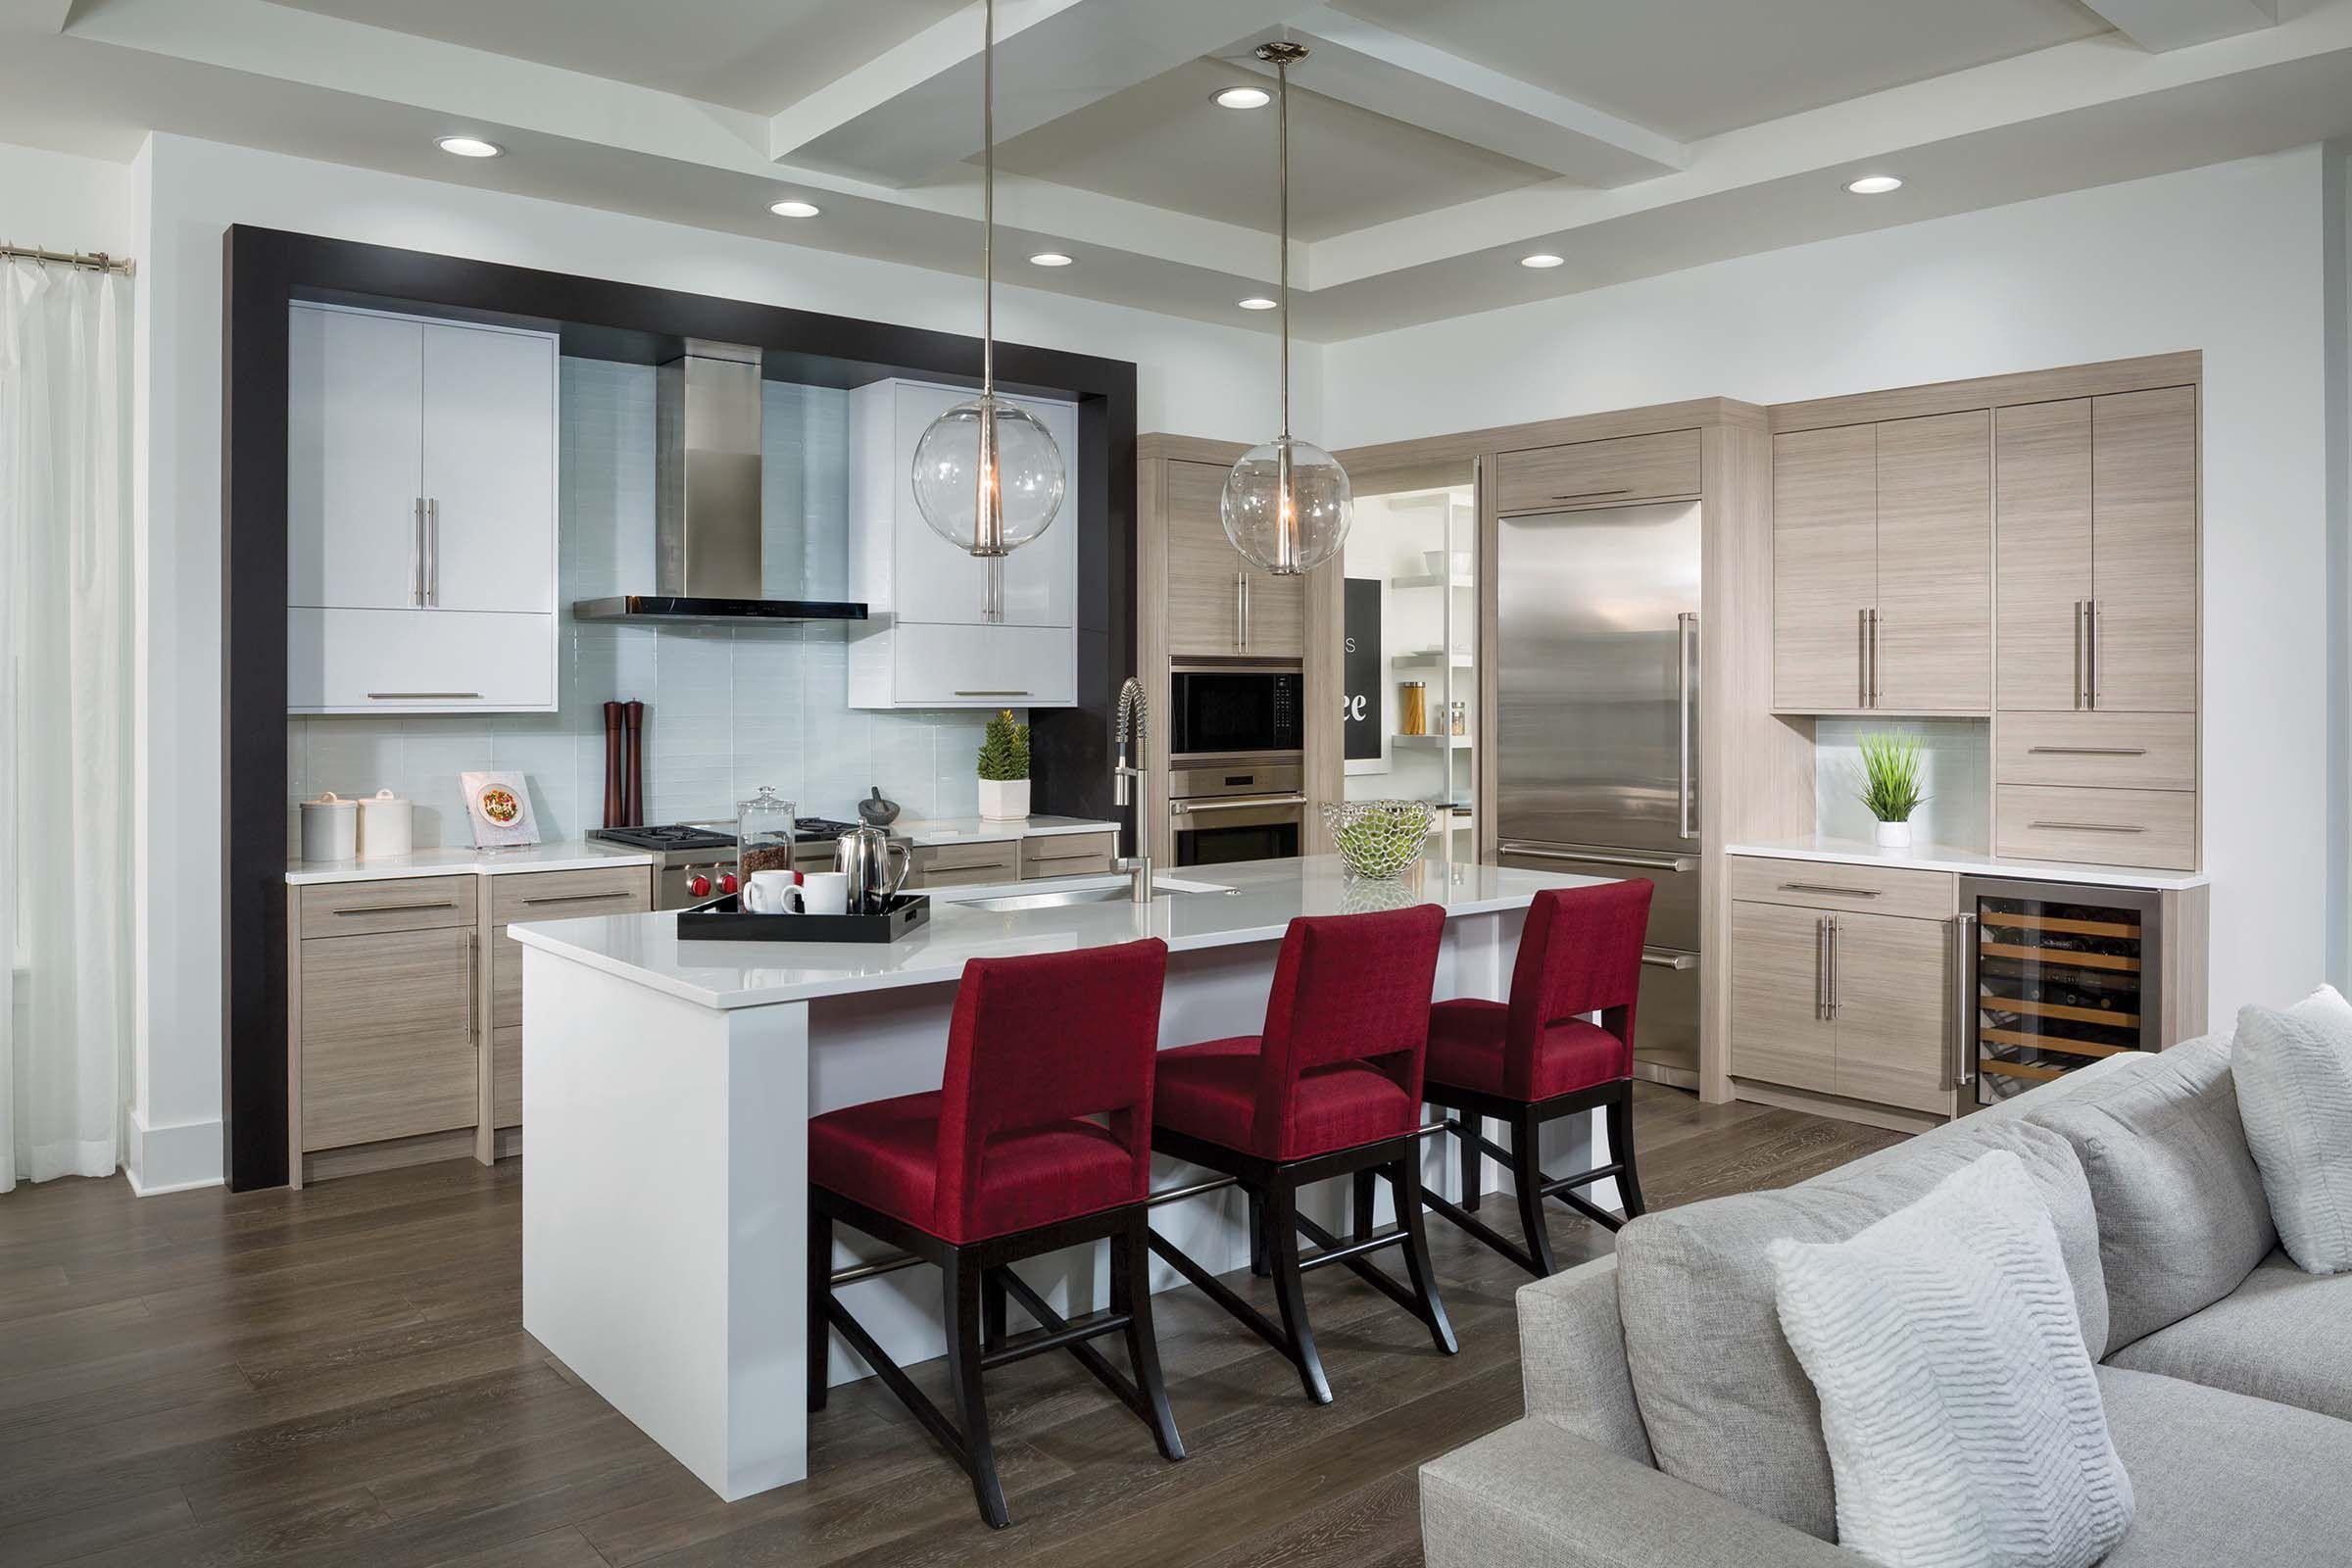 santa rosa 1495f | latest kitchen designs, kitchen design